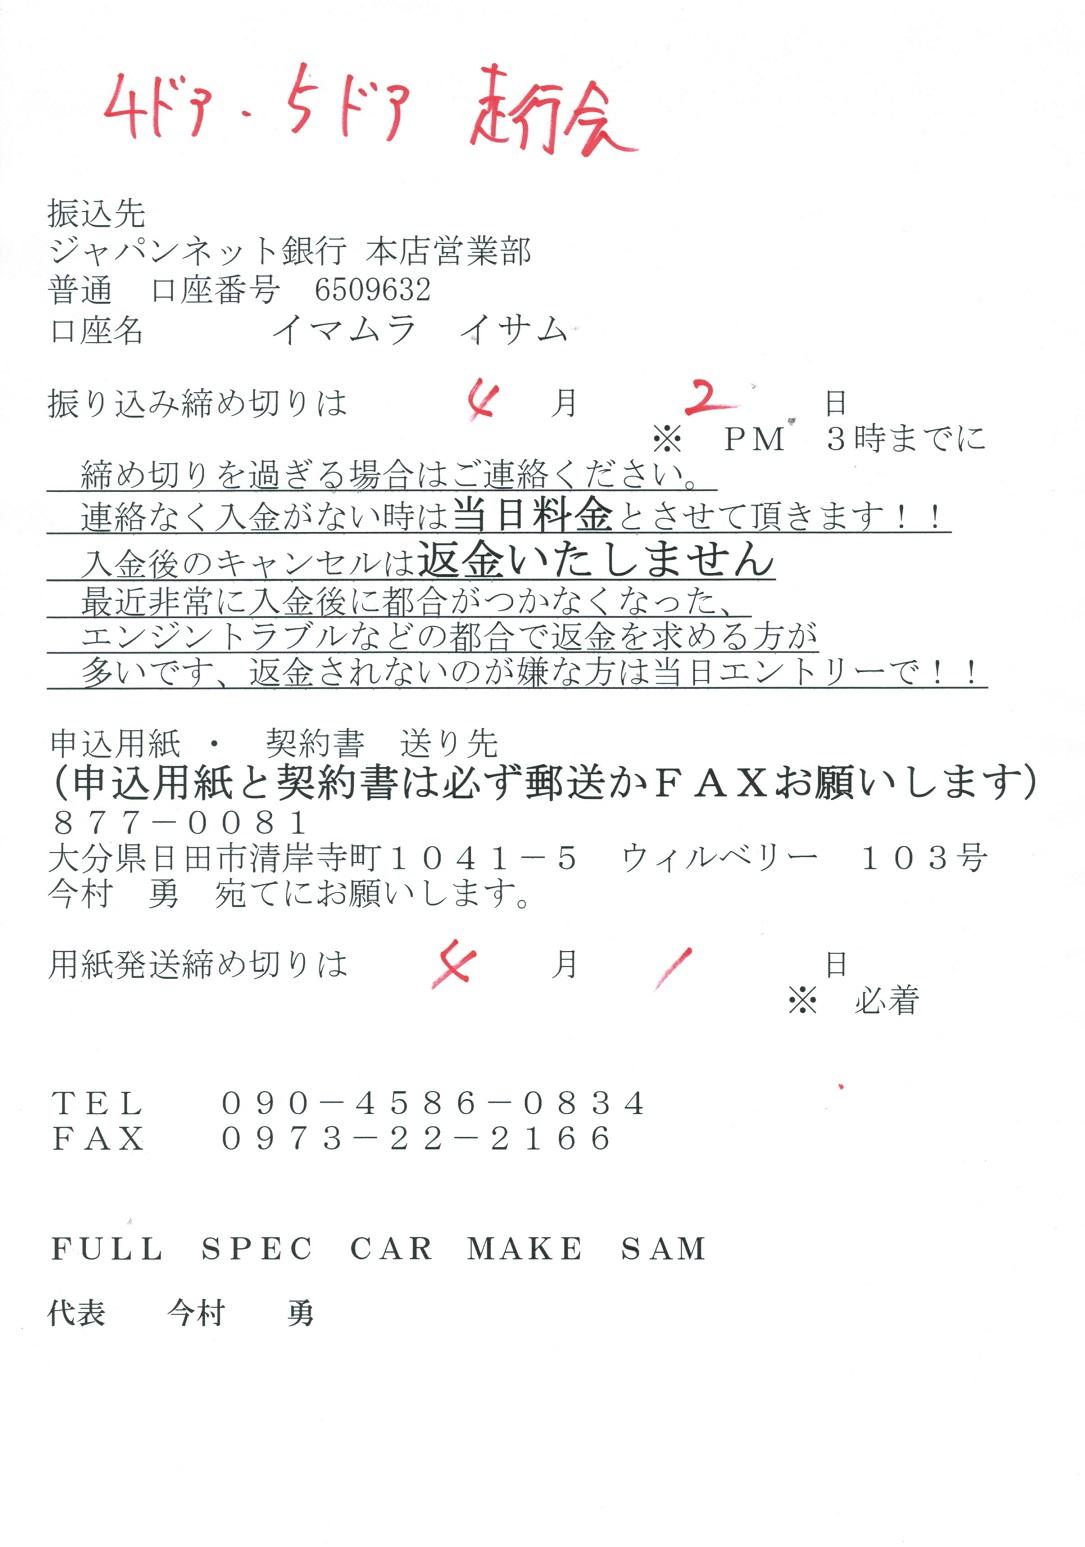 CCI20150225_00001.jpg